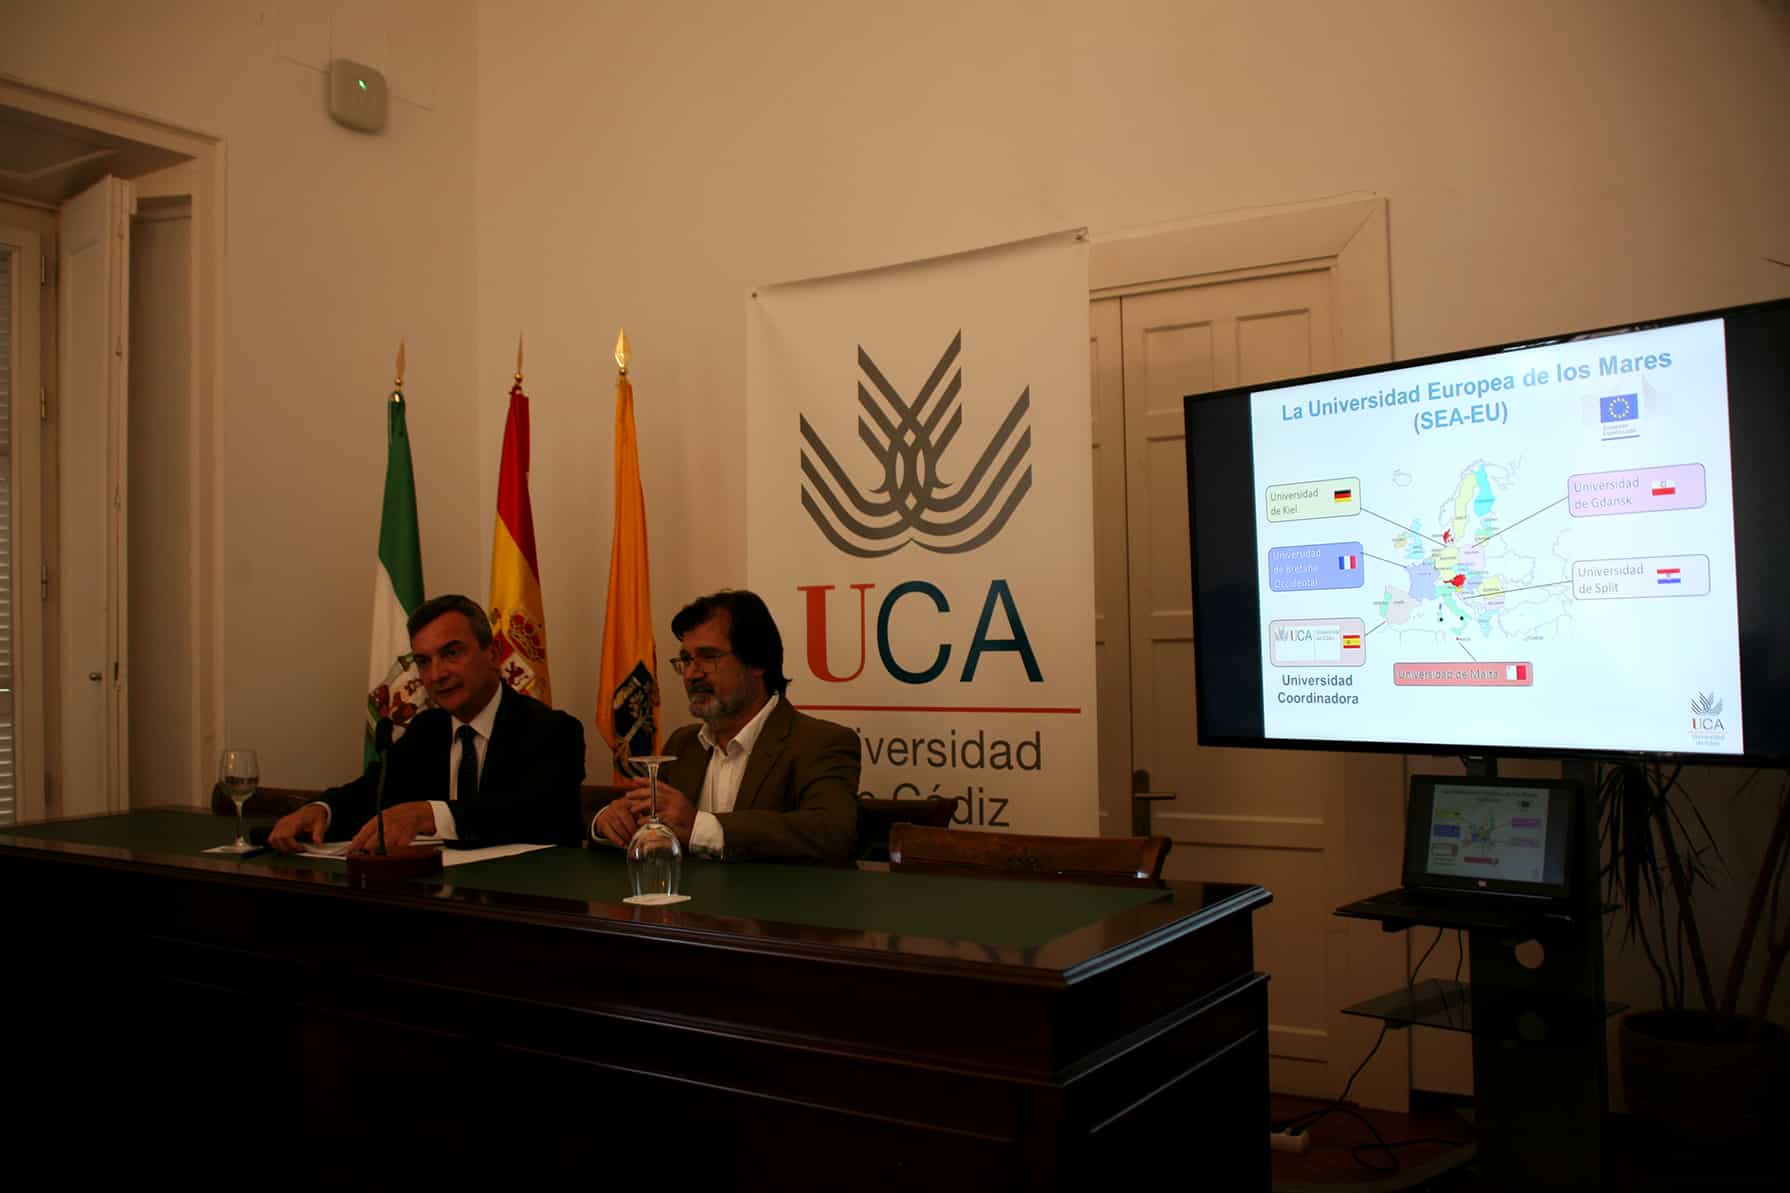 """La UCA desarrollará el proyecto """"La Universidad Europea de los Mares"""""""